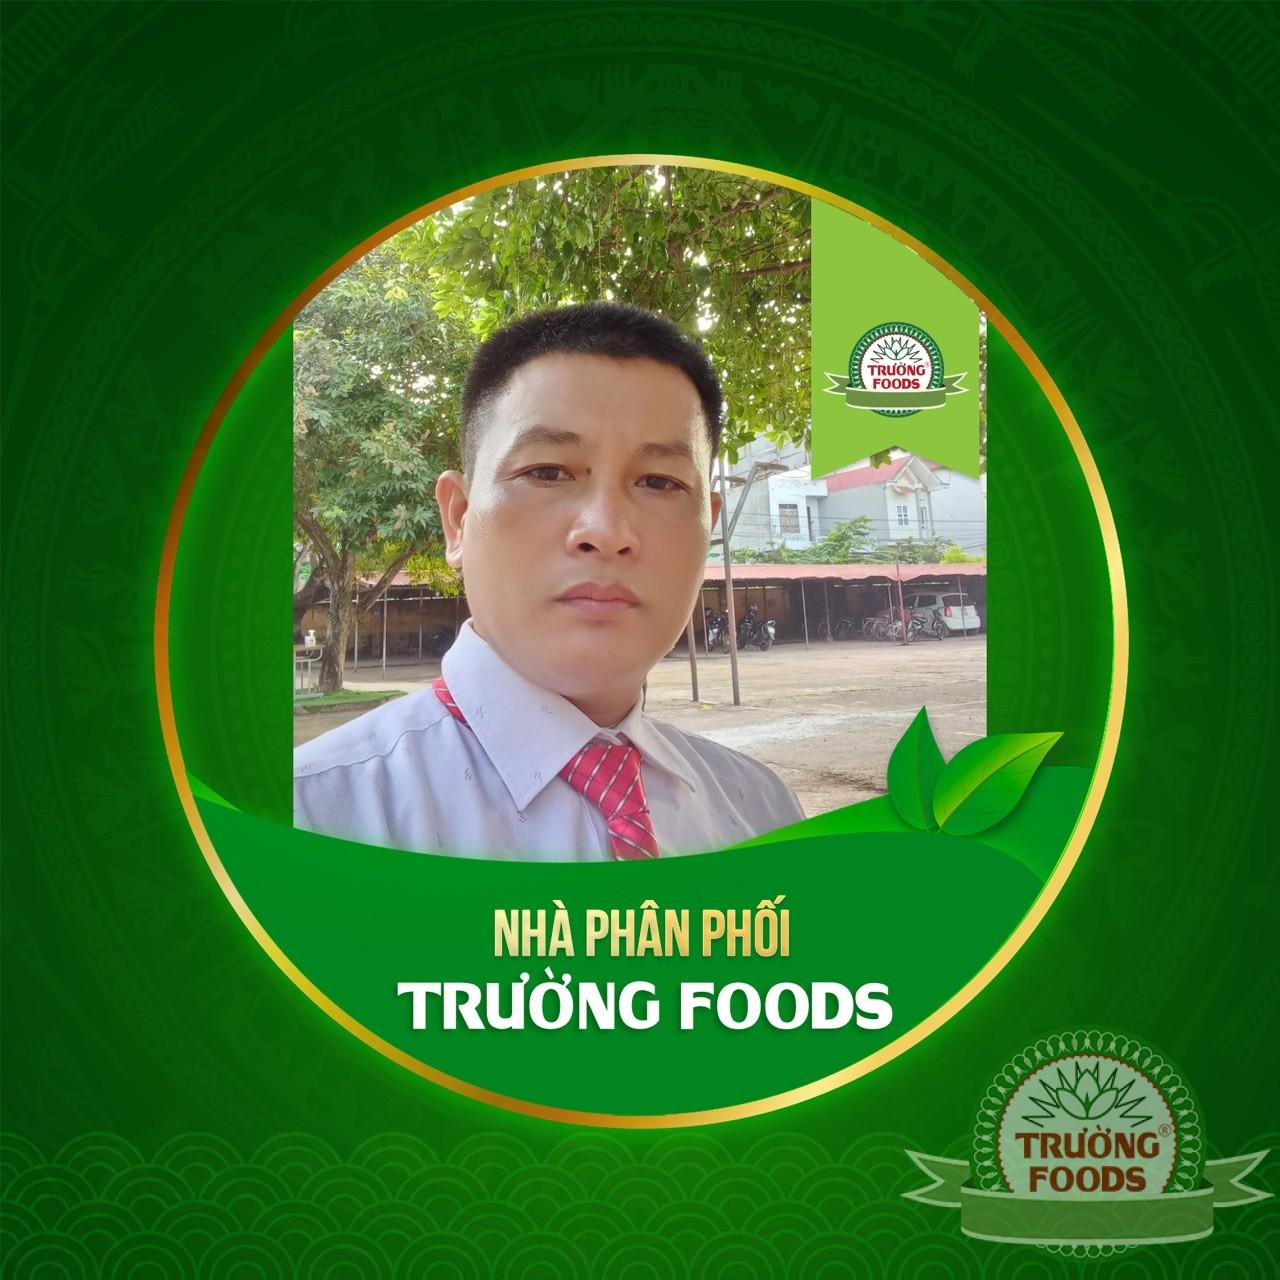 Chào mừng anh Lê Ngọc Vinh trở thành Nhà phân phối tại Trường Foods